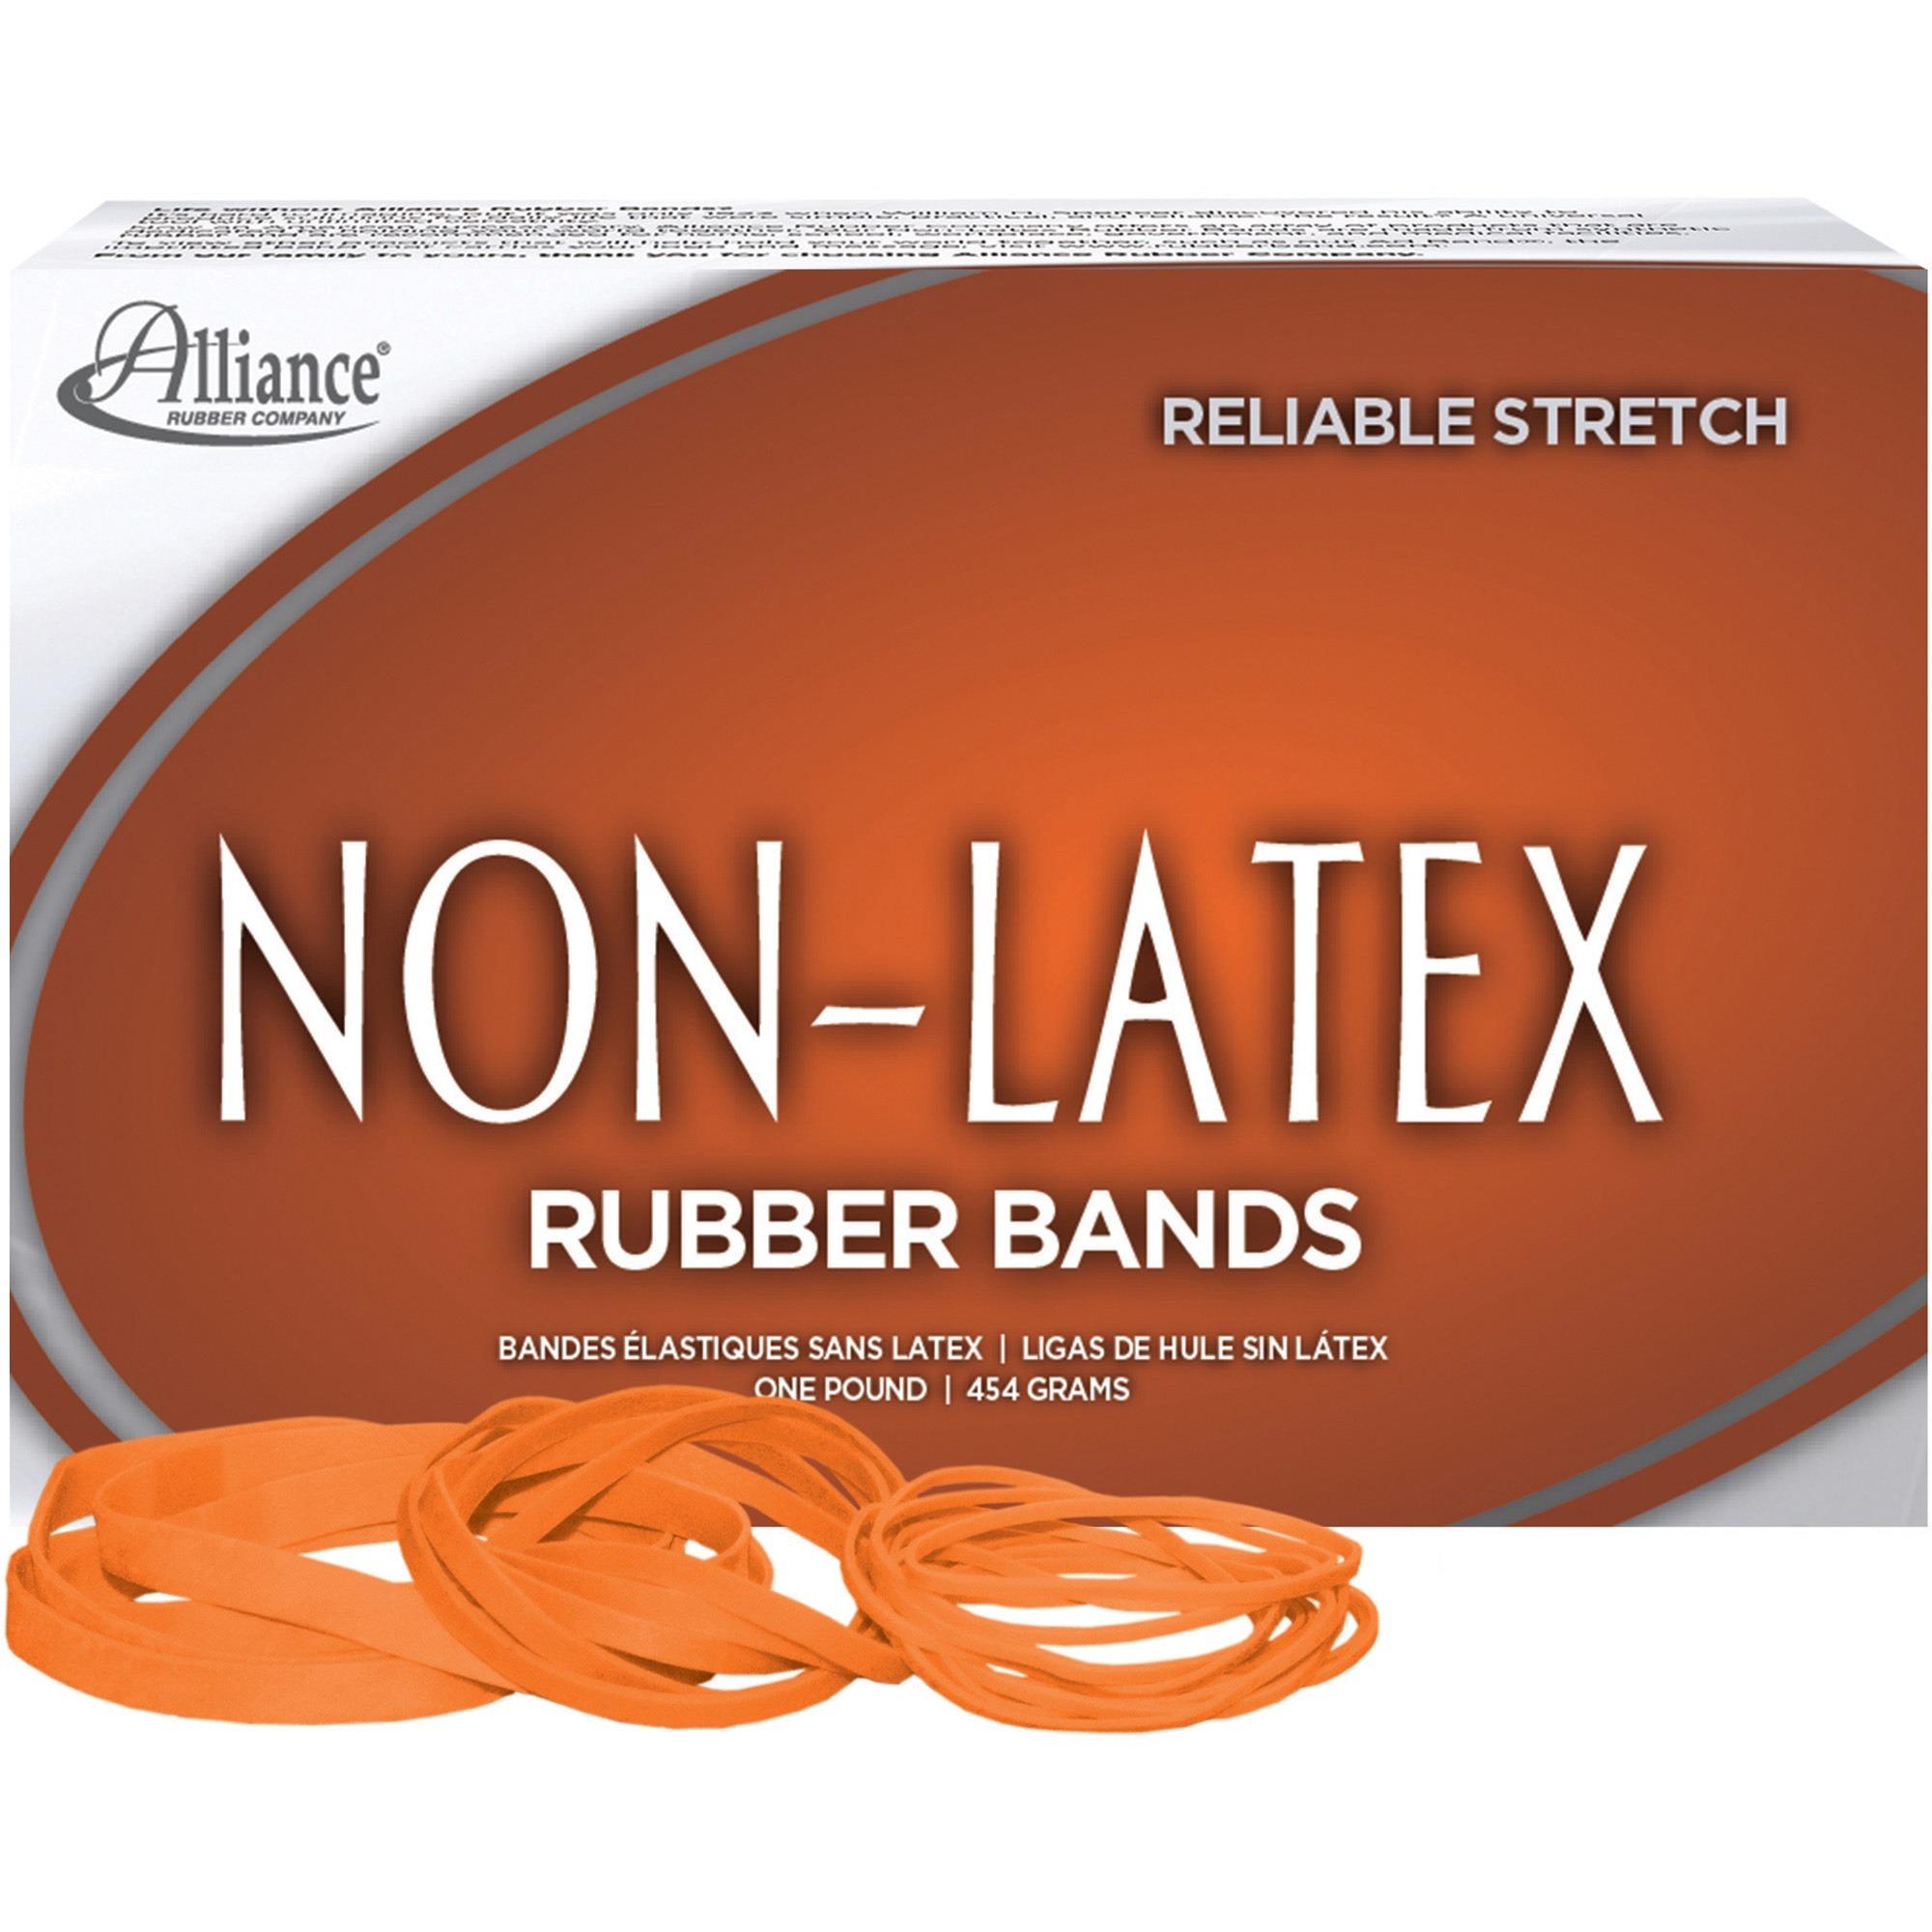 Non-Latex, ALL37546, Rubber Bands, 1 / Box, Orange